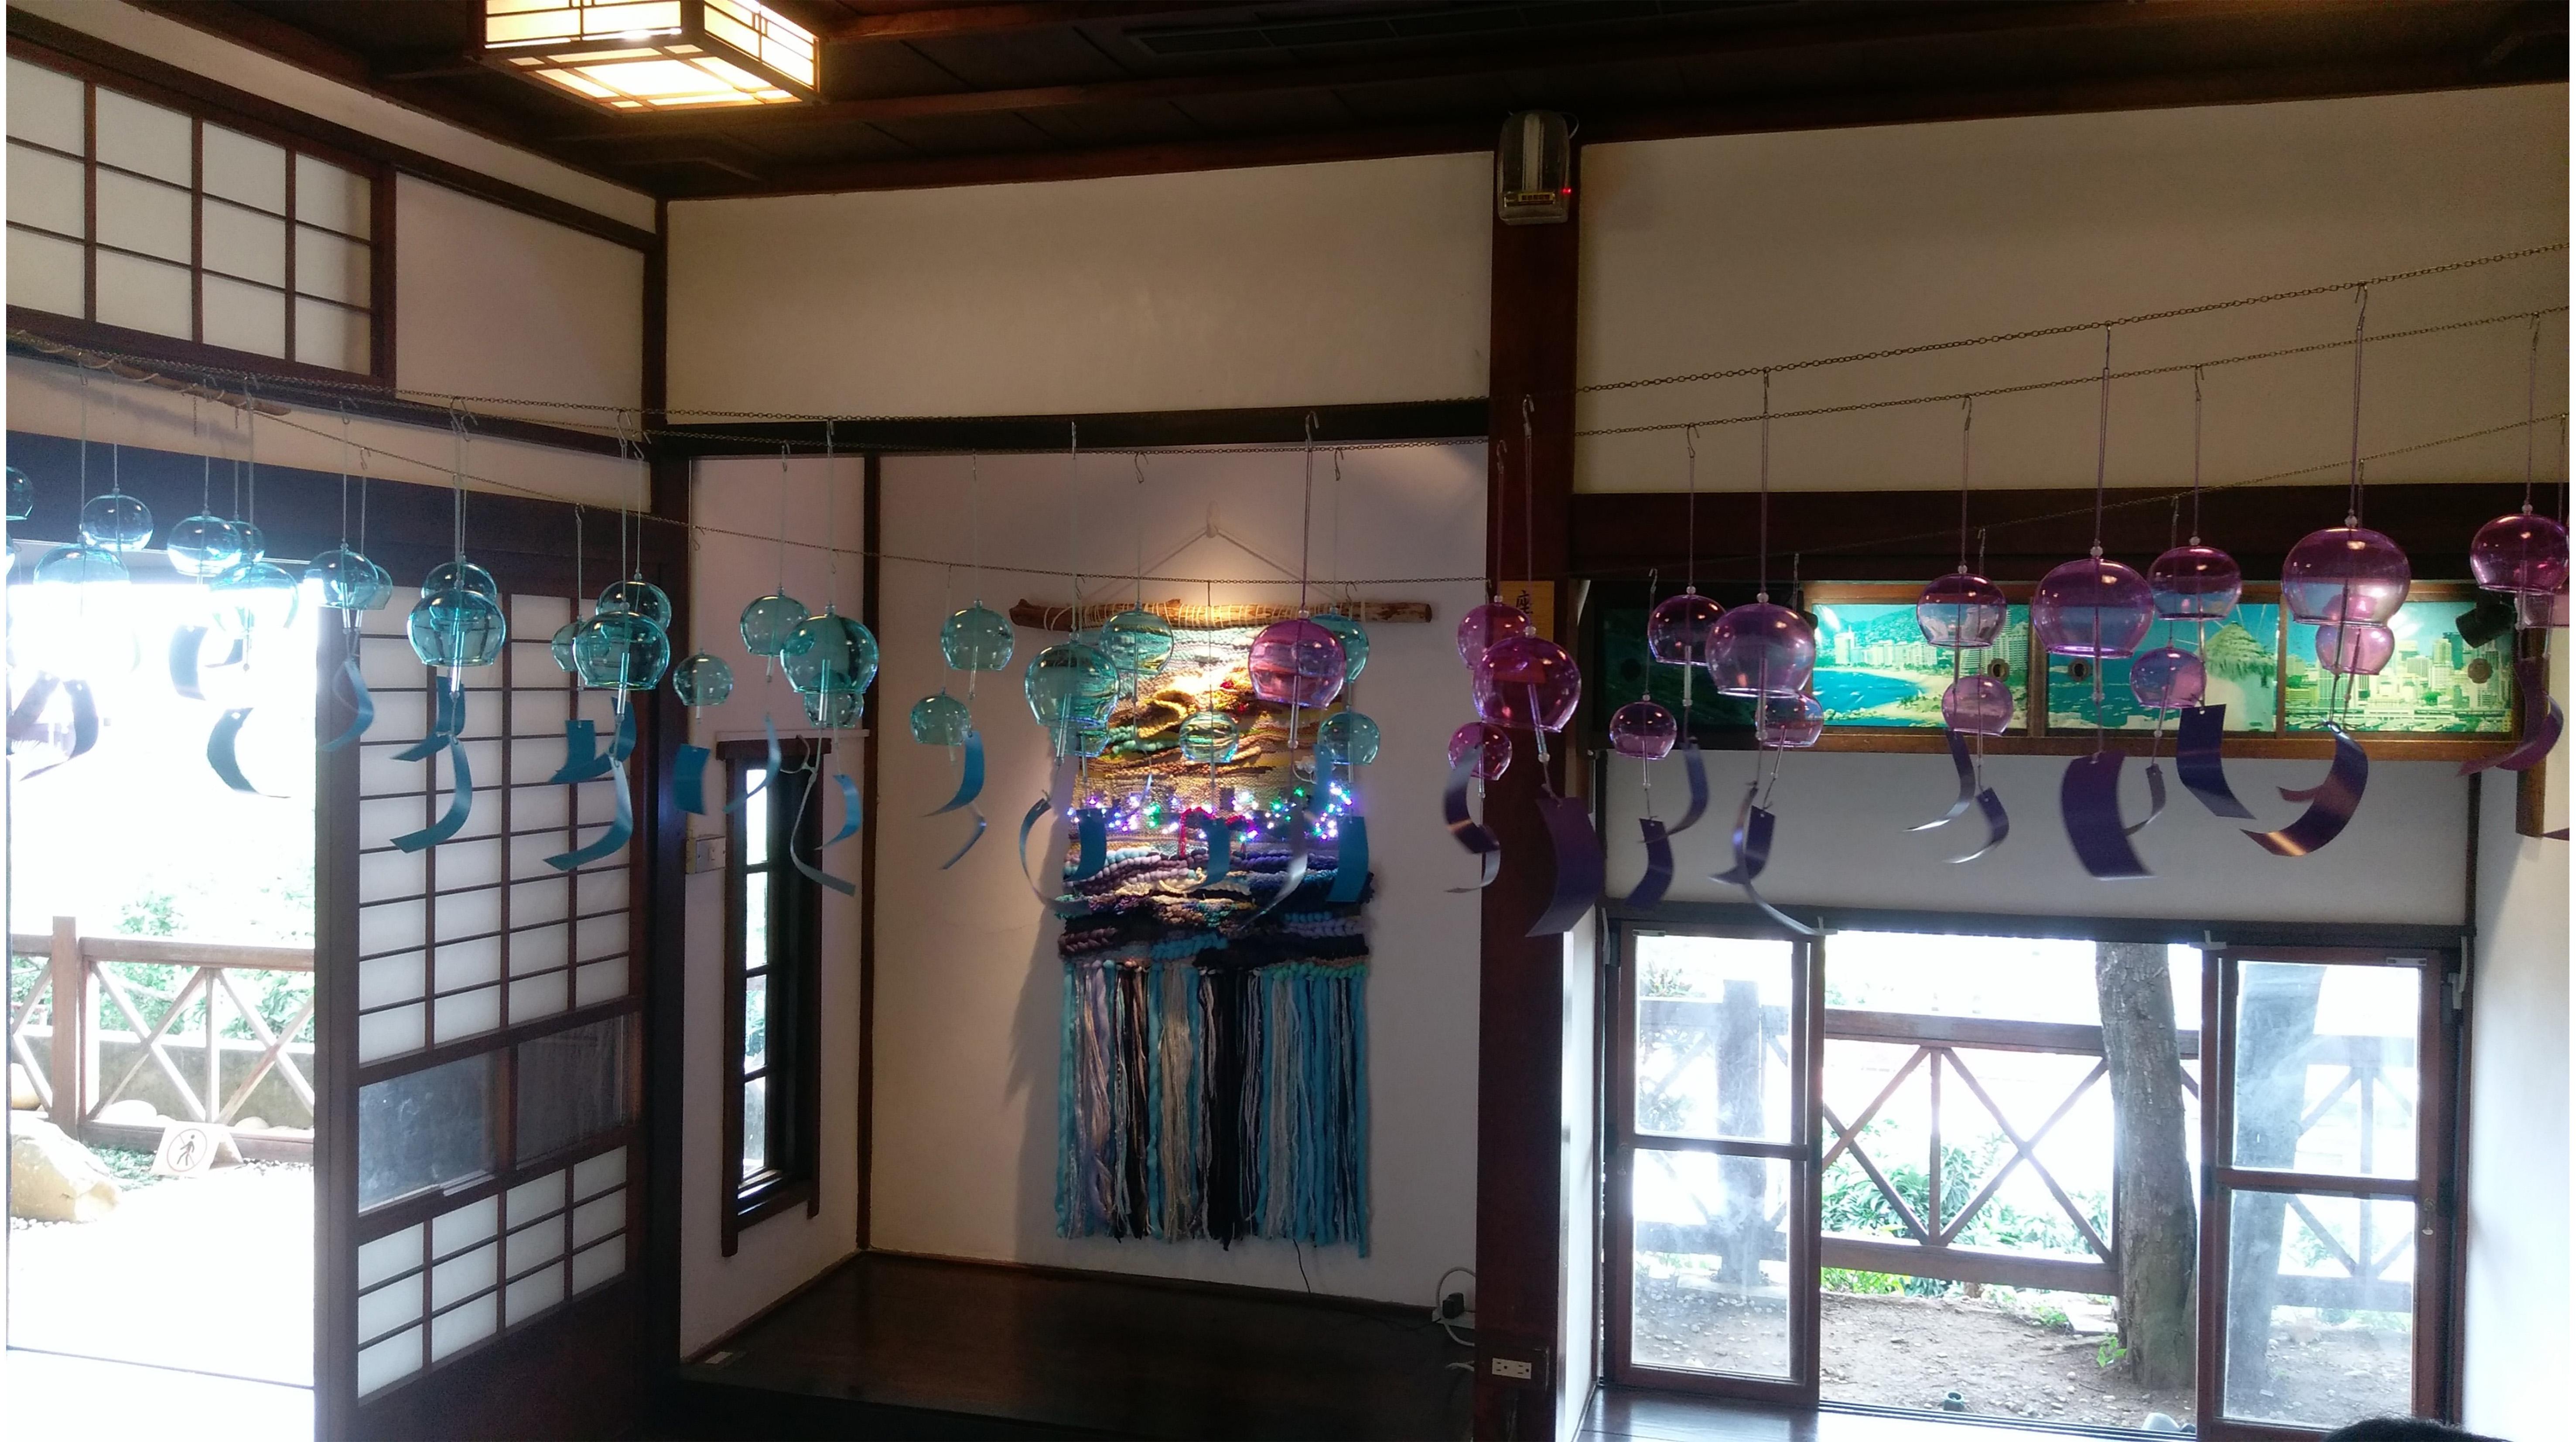 彩繪日式風鈴 手織淡水風景不思議